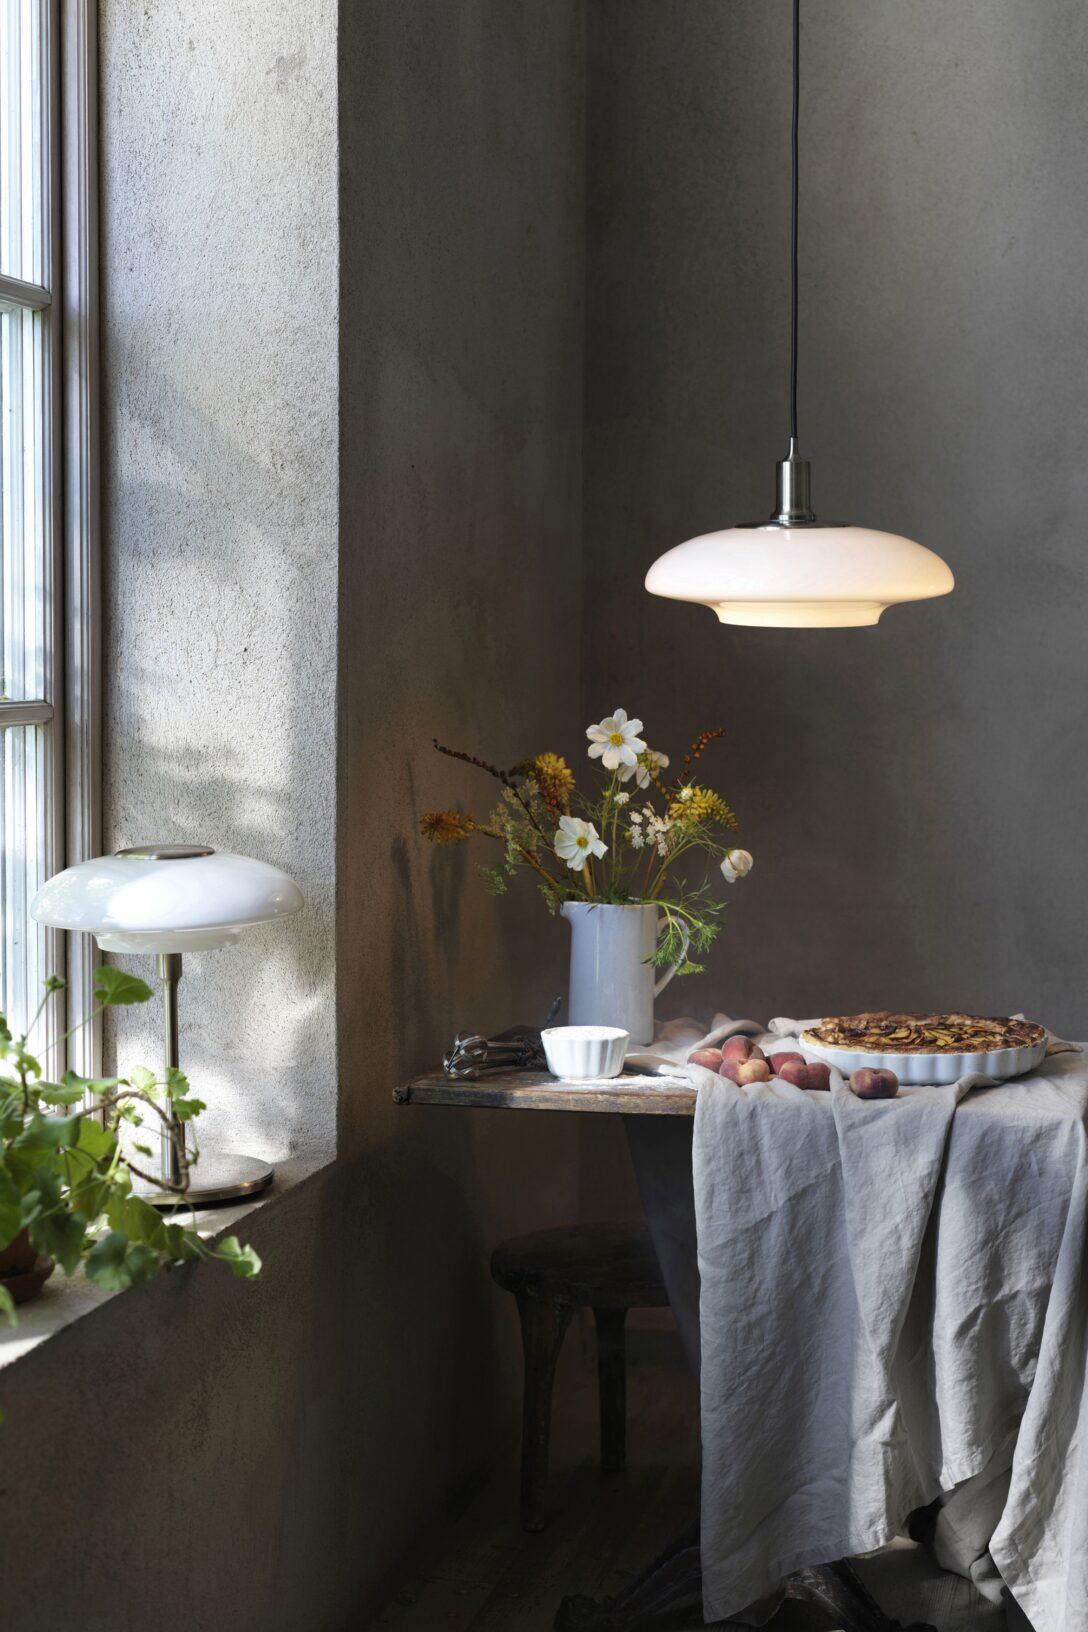 Large Size of Hängelampen Ikea Tllbyn Hngeleuchte Vernickelt Modulküche Betten 160x200 Küche Kosten Bei Kaufen Sofa Mit Schlaffunktion Miniküche Wohnzimmer Hängelampen Ikea